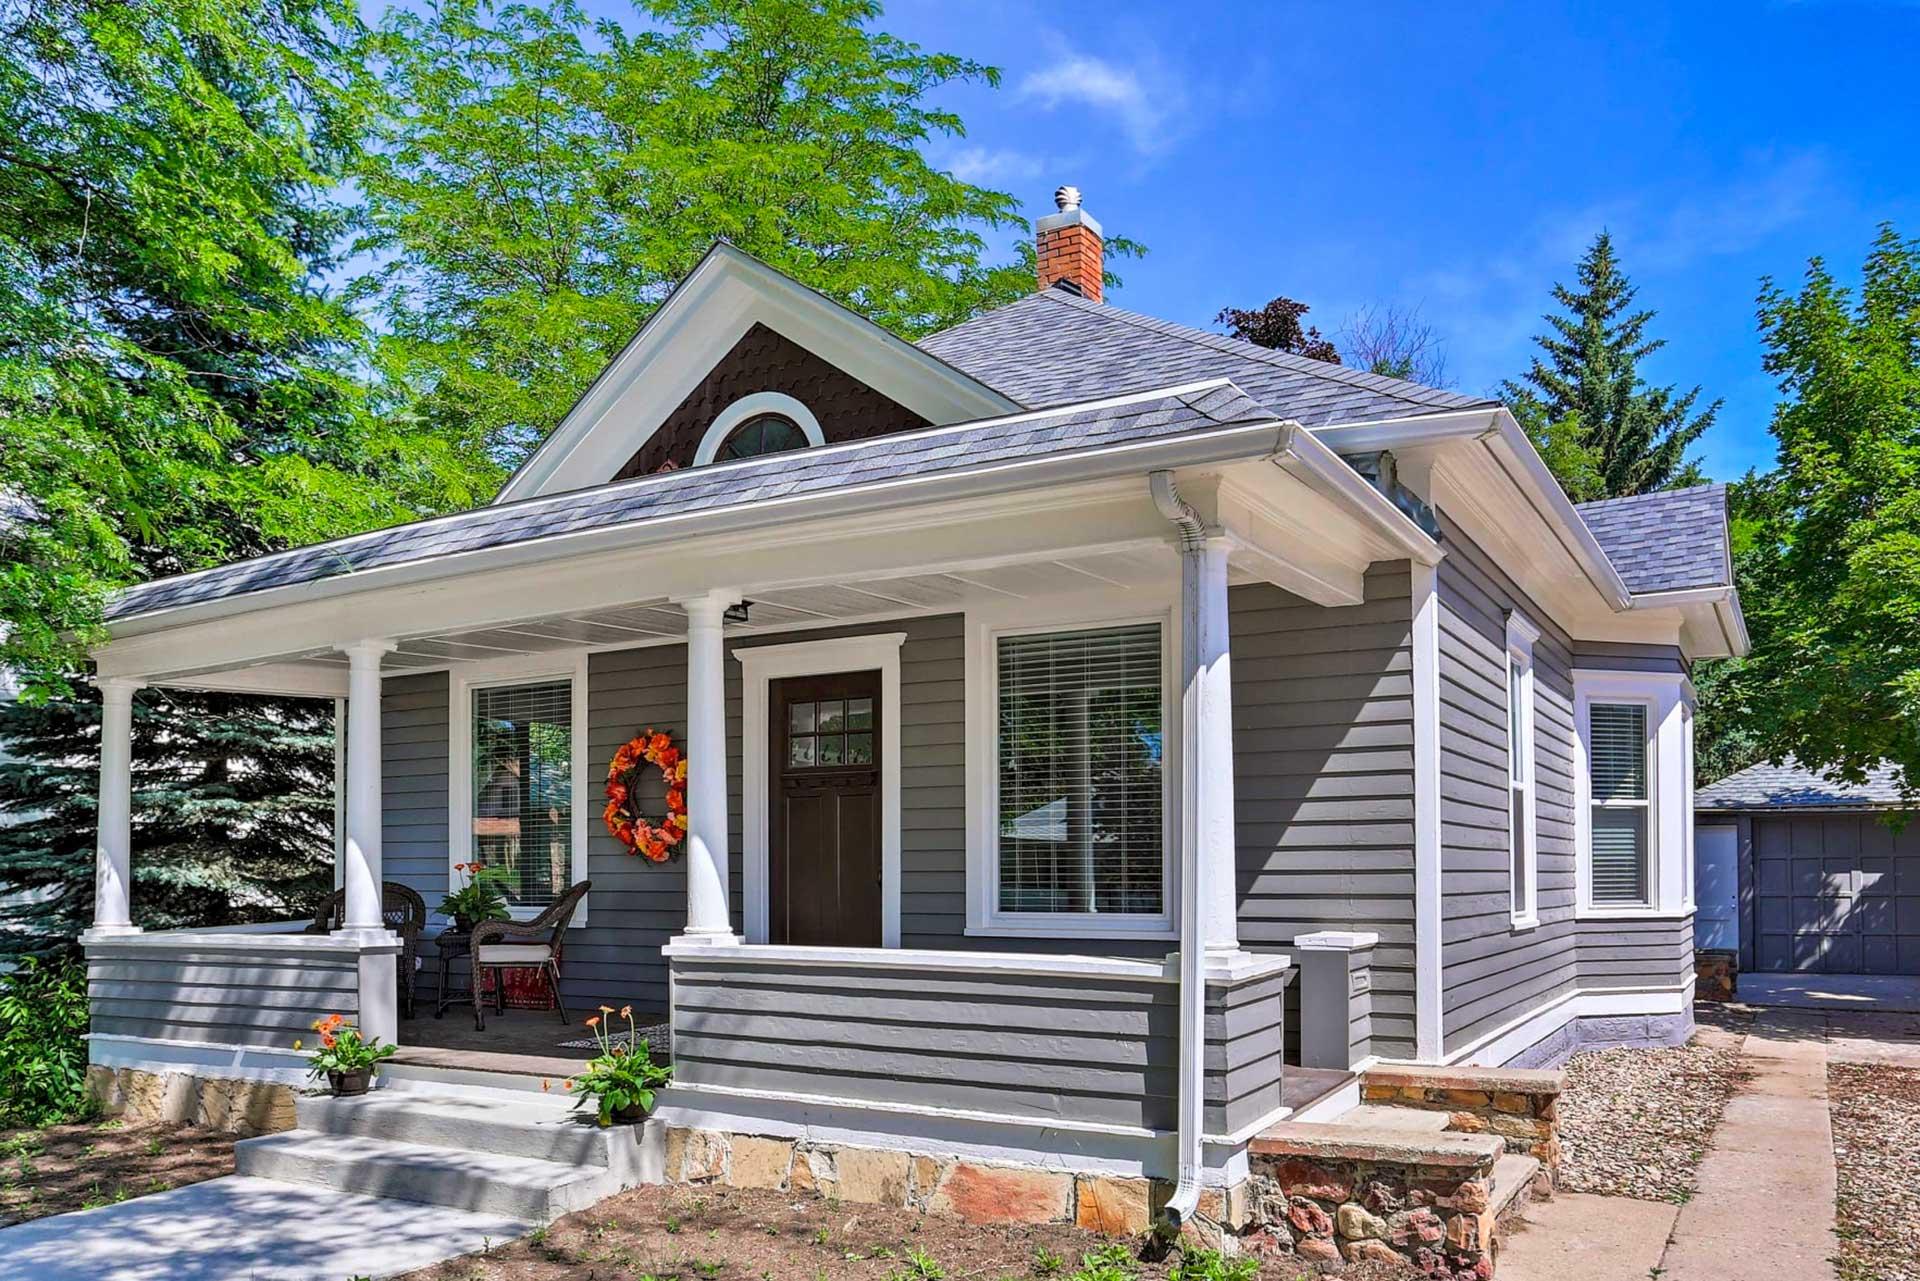 Property Exterior | 2 Steps to Enter